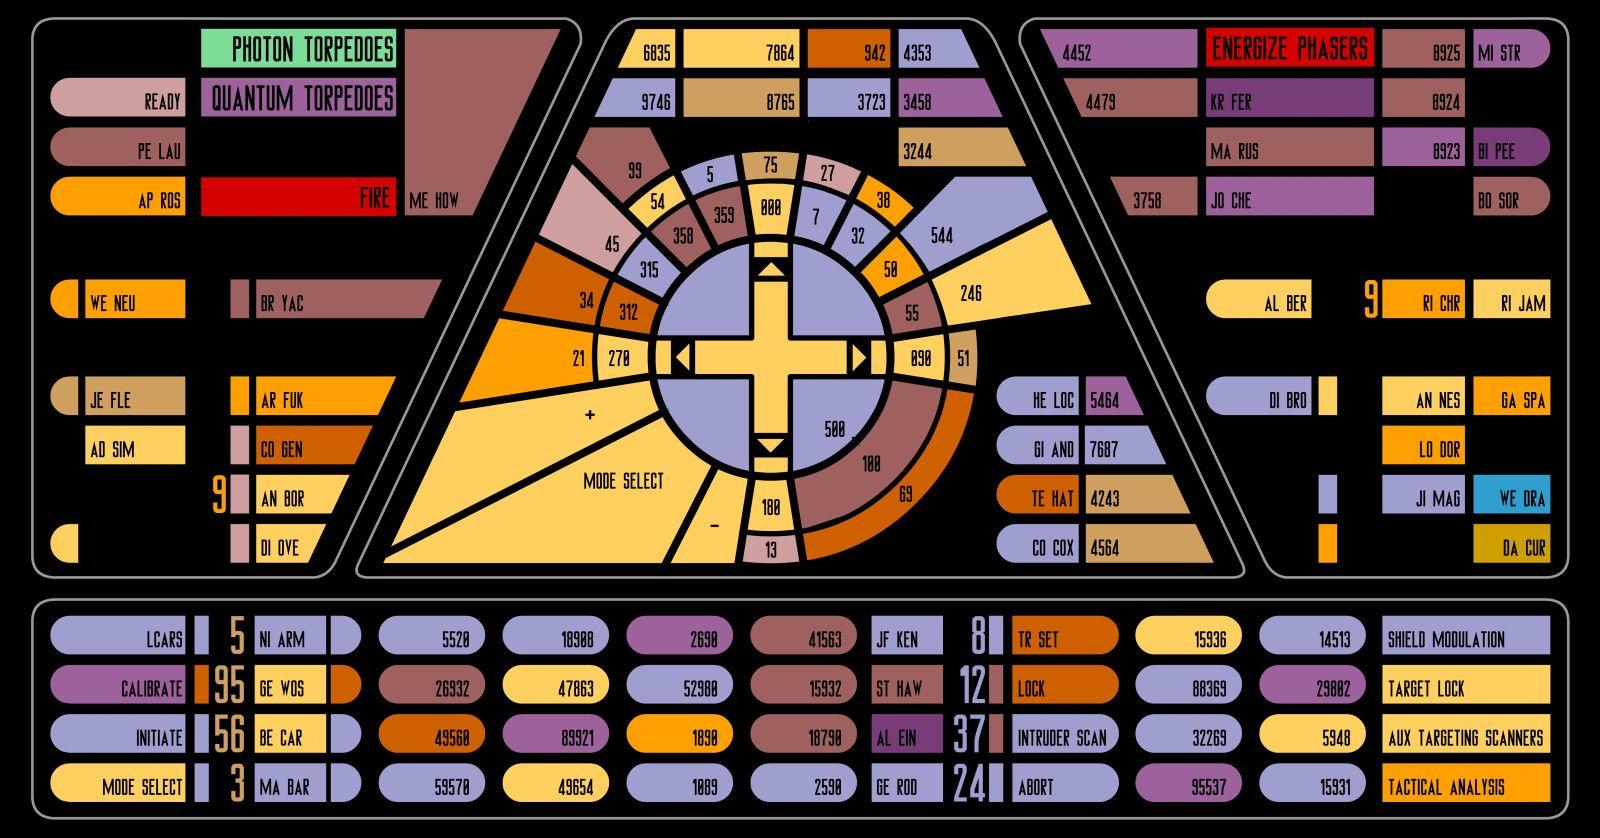 Star Trek Computer Wallpapers Desktop Backgrounds 1600x838 Id 321818 Star Trek Wallpaper Star Trek Party Trek